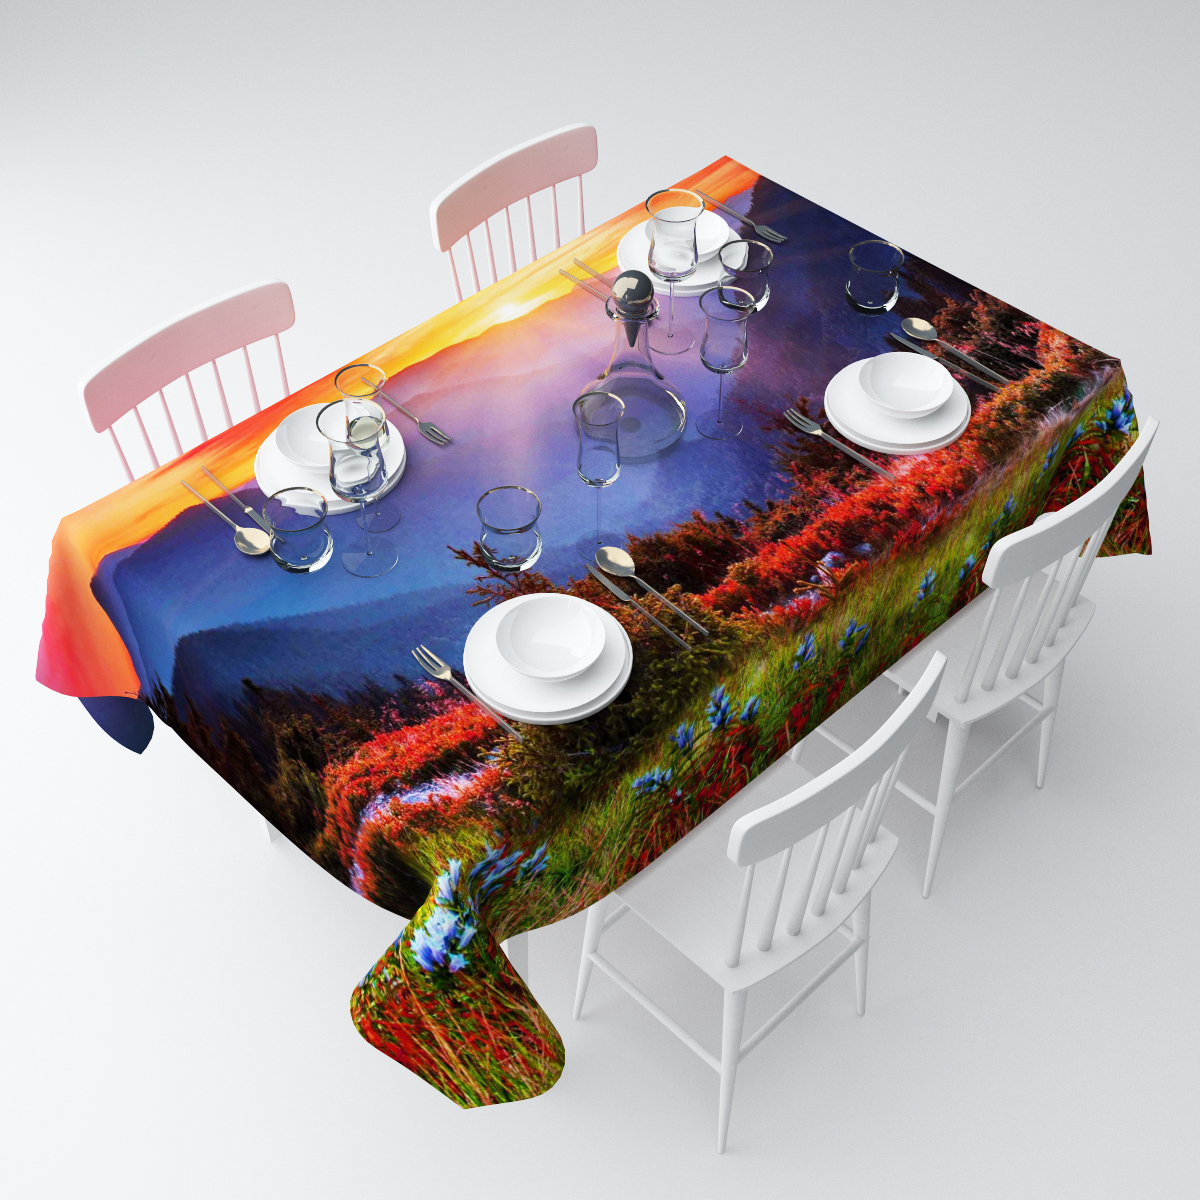 Скатерть Сирень Восход в горах, прямоугольная, 145 х 120 смСКГБ003-04560Прямоугольная скатерть Сирень Восход в горах, выполненная из габардина с ярким рисунком, преобразит вашу кухню, визуально расширит пространство, создаст атмосферу радости и комфорта. Рекомендации по уходу: стирка при 30 градусах, гладить при температуре до 110 градусов.Размер скатерти: 145 х 120 см. Изображение может немного отличаться от реального.